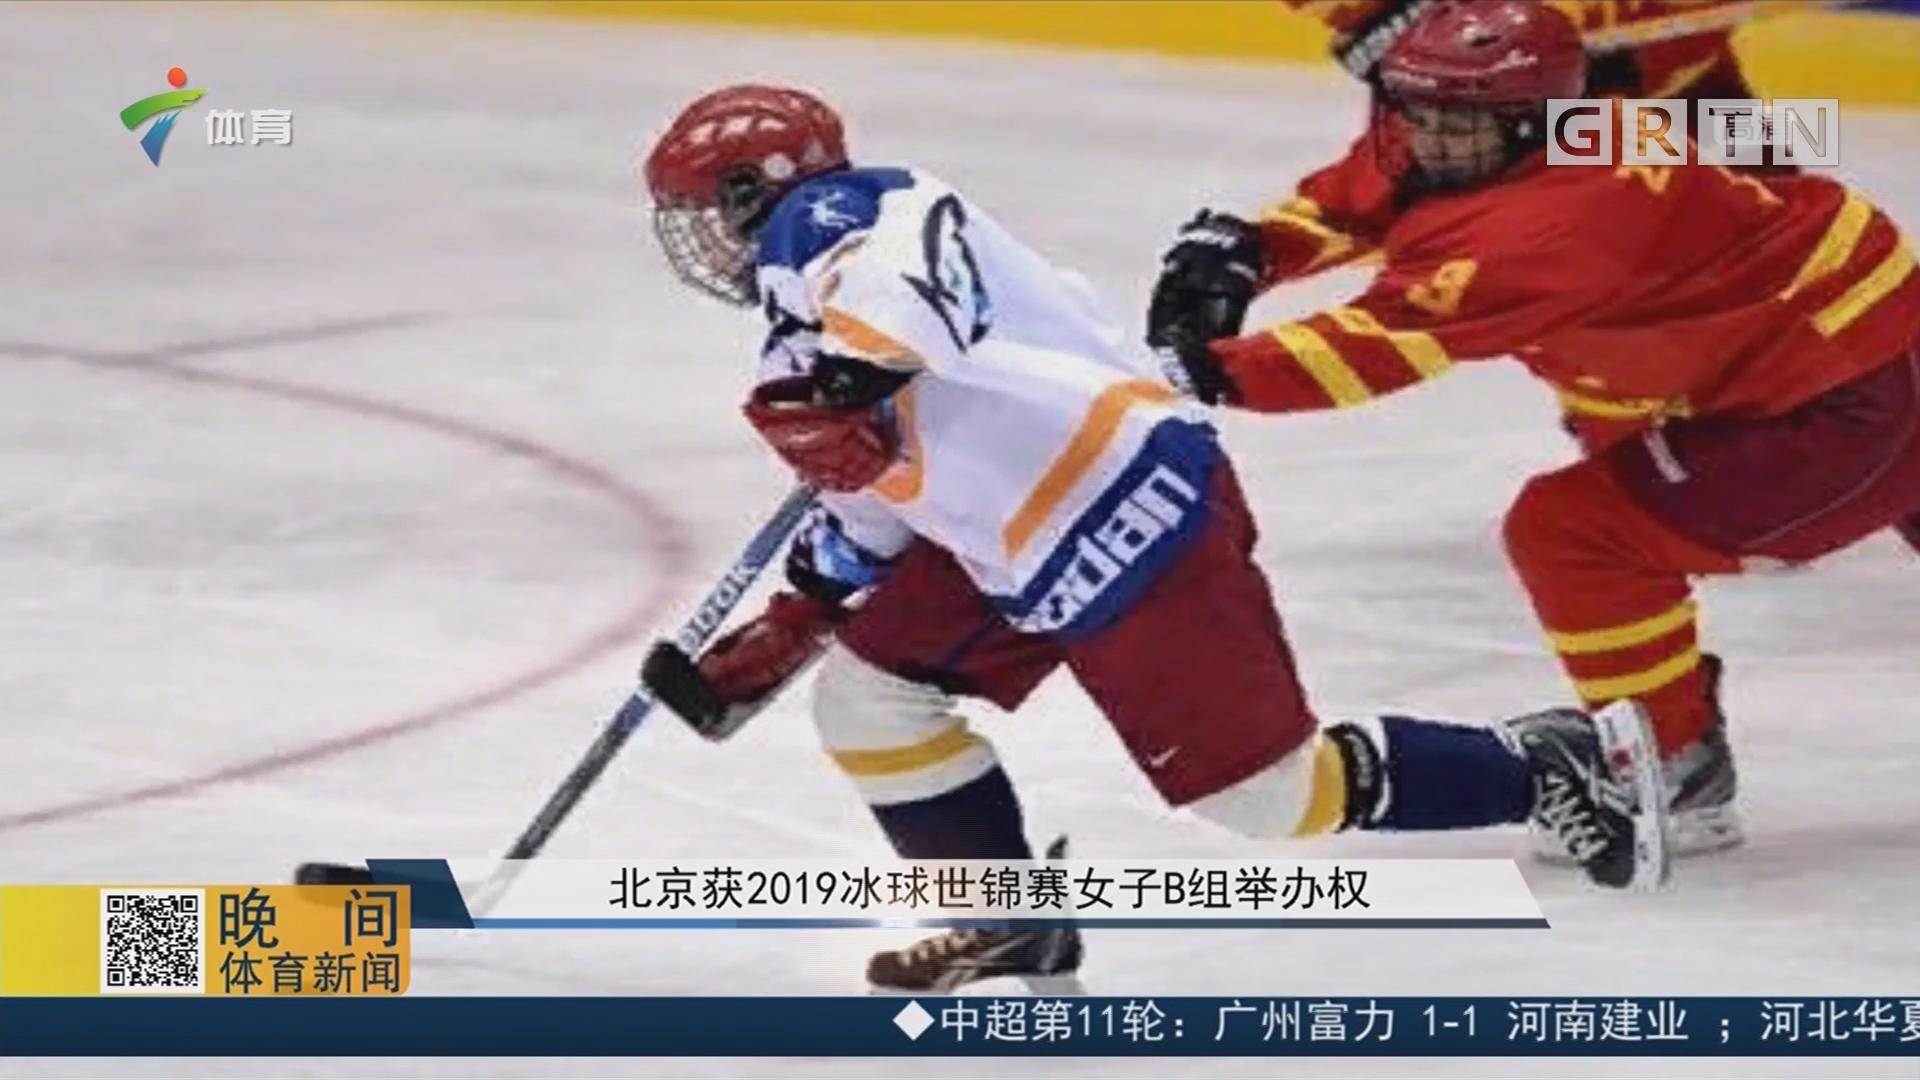 北京获2019冰球世锦赛女子B组举办权